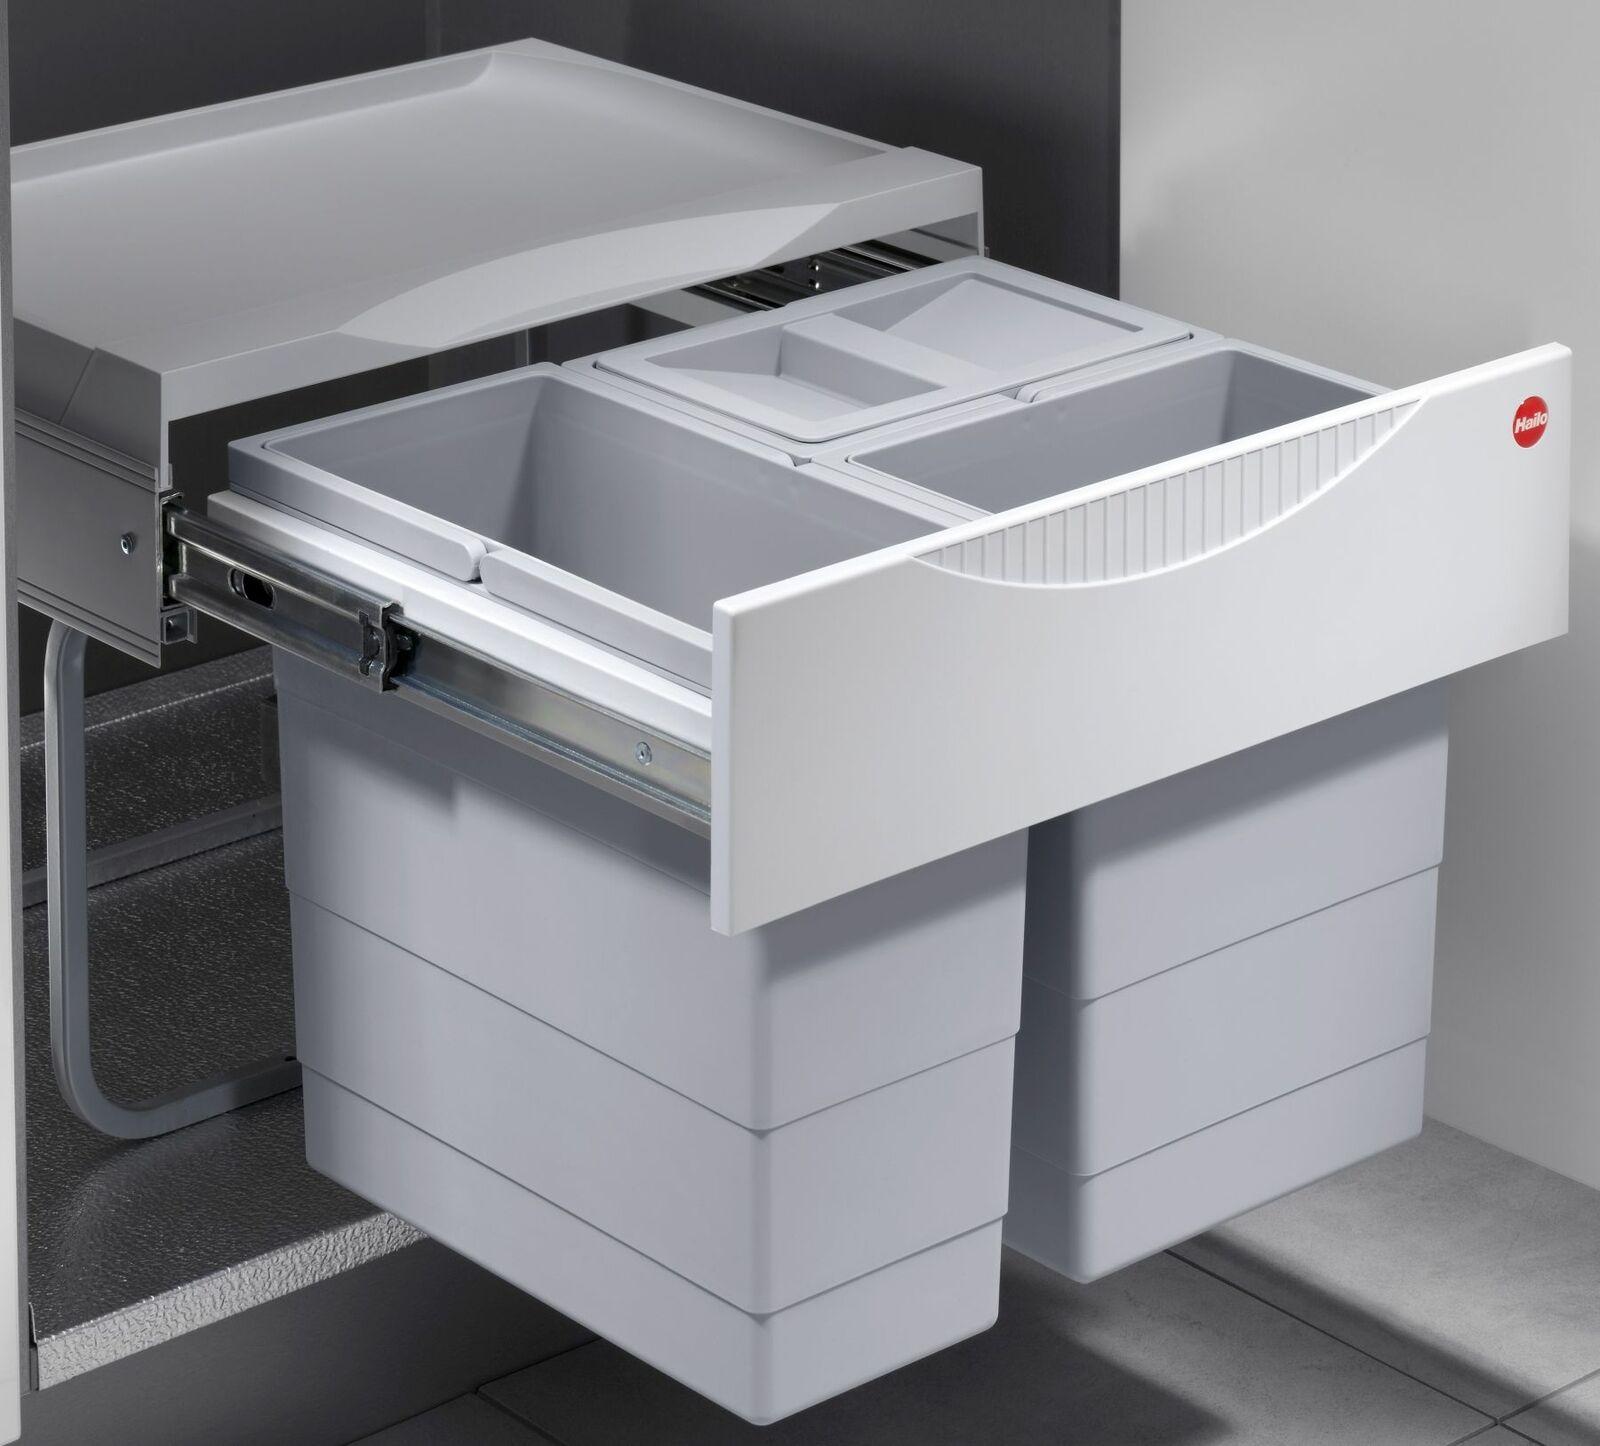 Hailo Einbau Mülleimer Küche 20 L Mülltrenner Müllsystem Bio Abfalleimer  *20